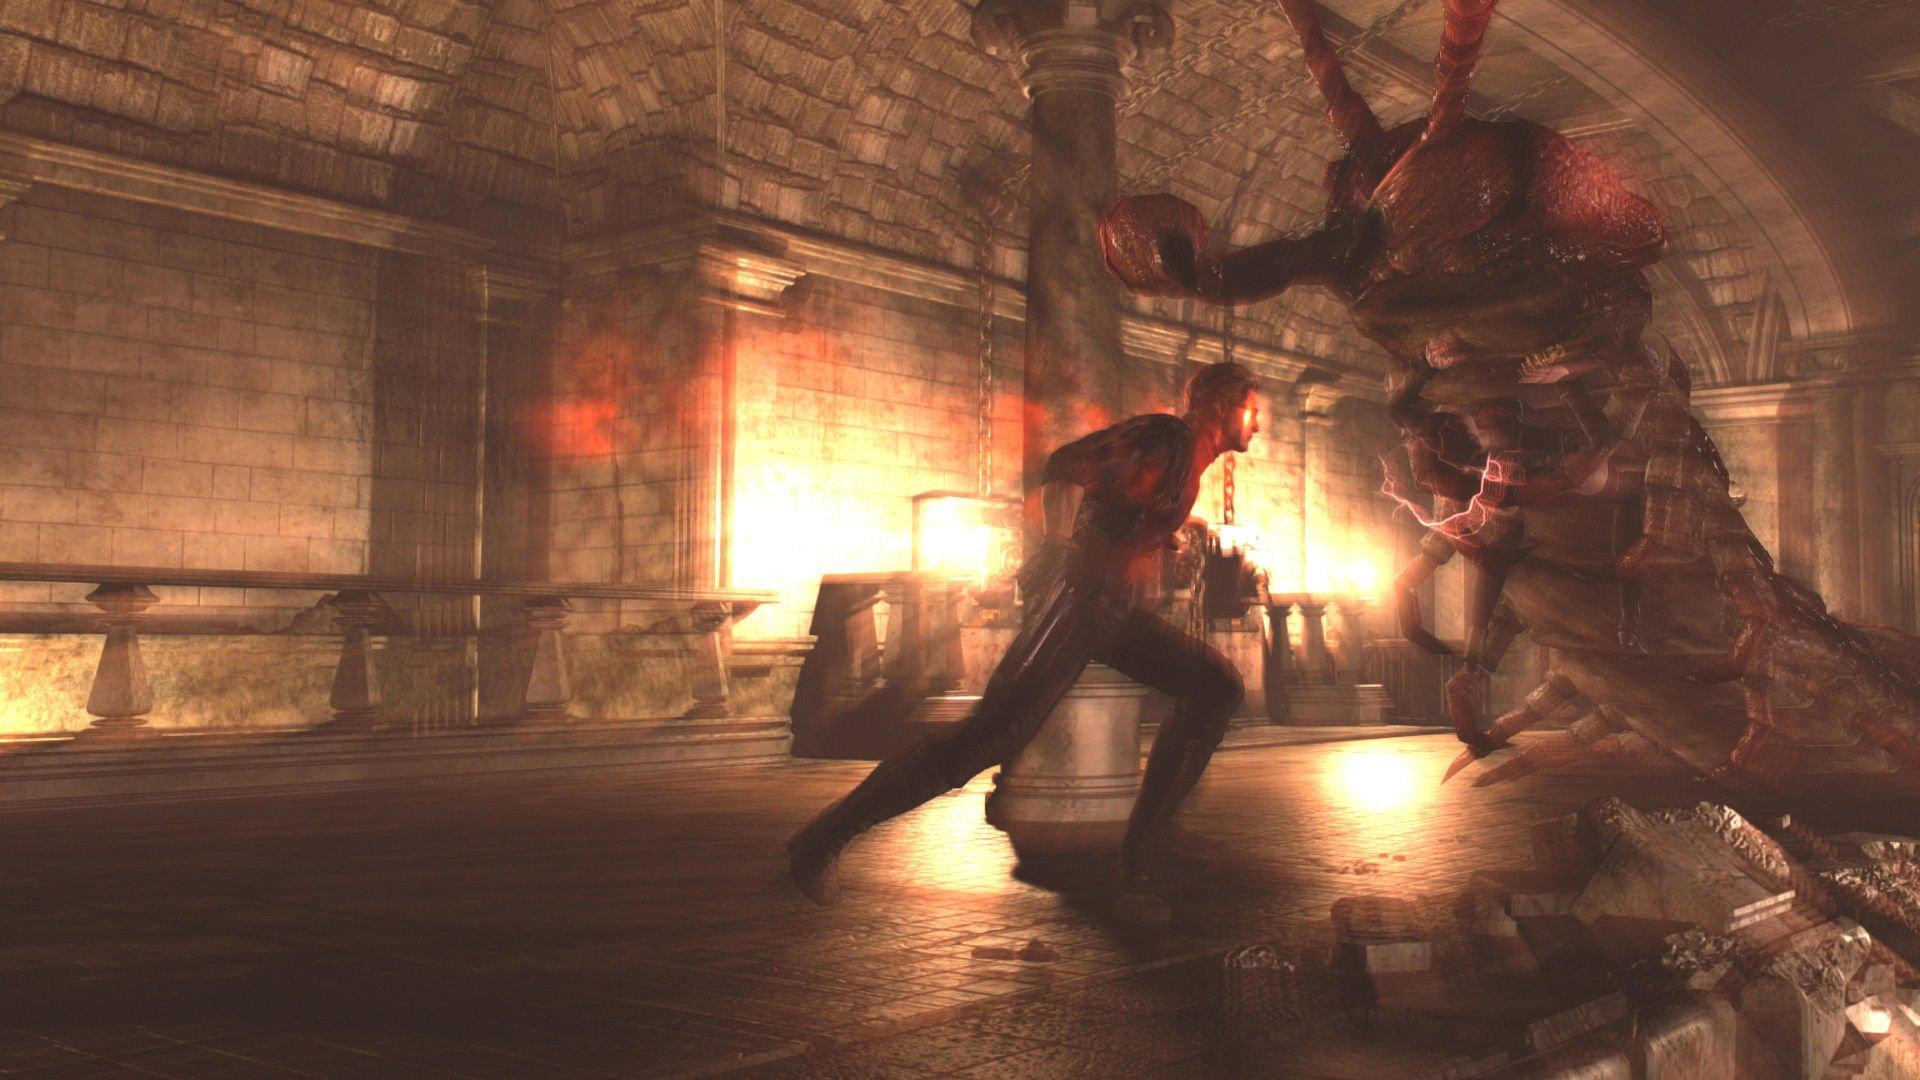 Resident evil 5 sexpics sexy pic